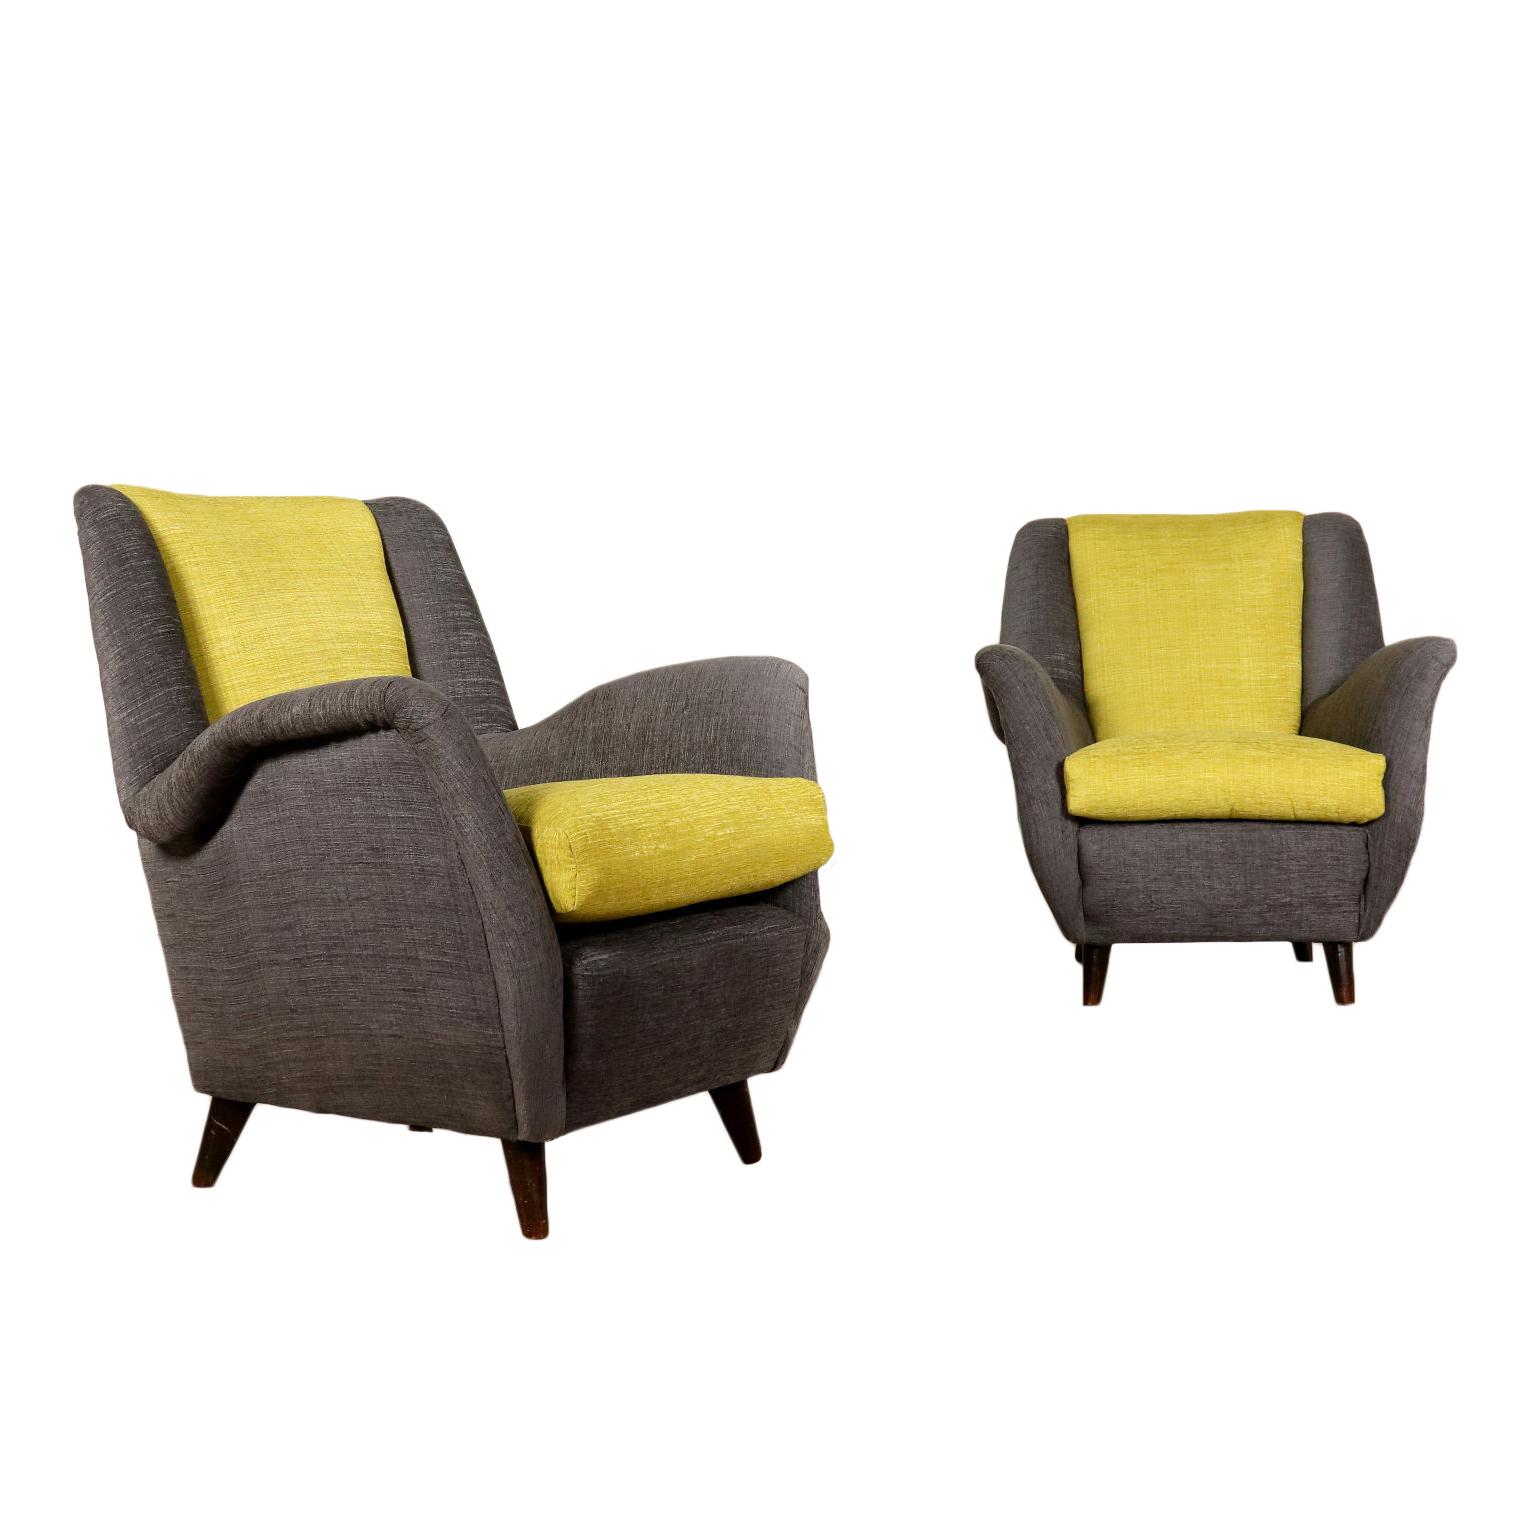 Ein Paar Sessel Stoff Vintage Italien 50er Jahre